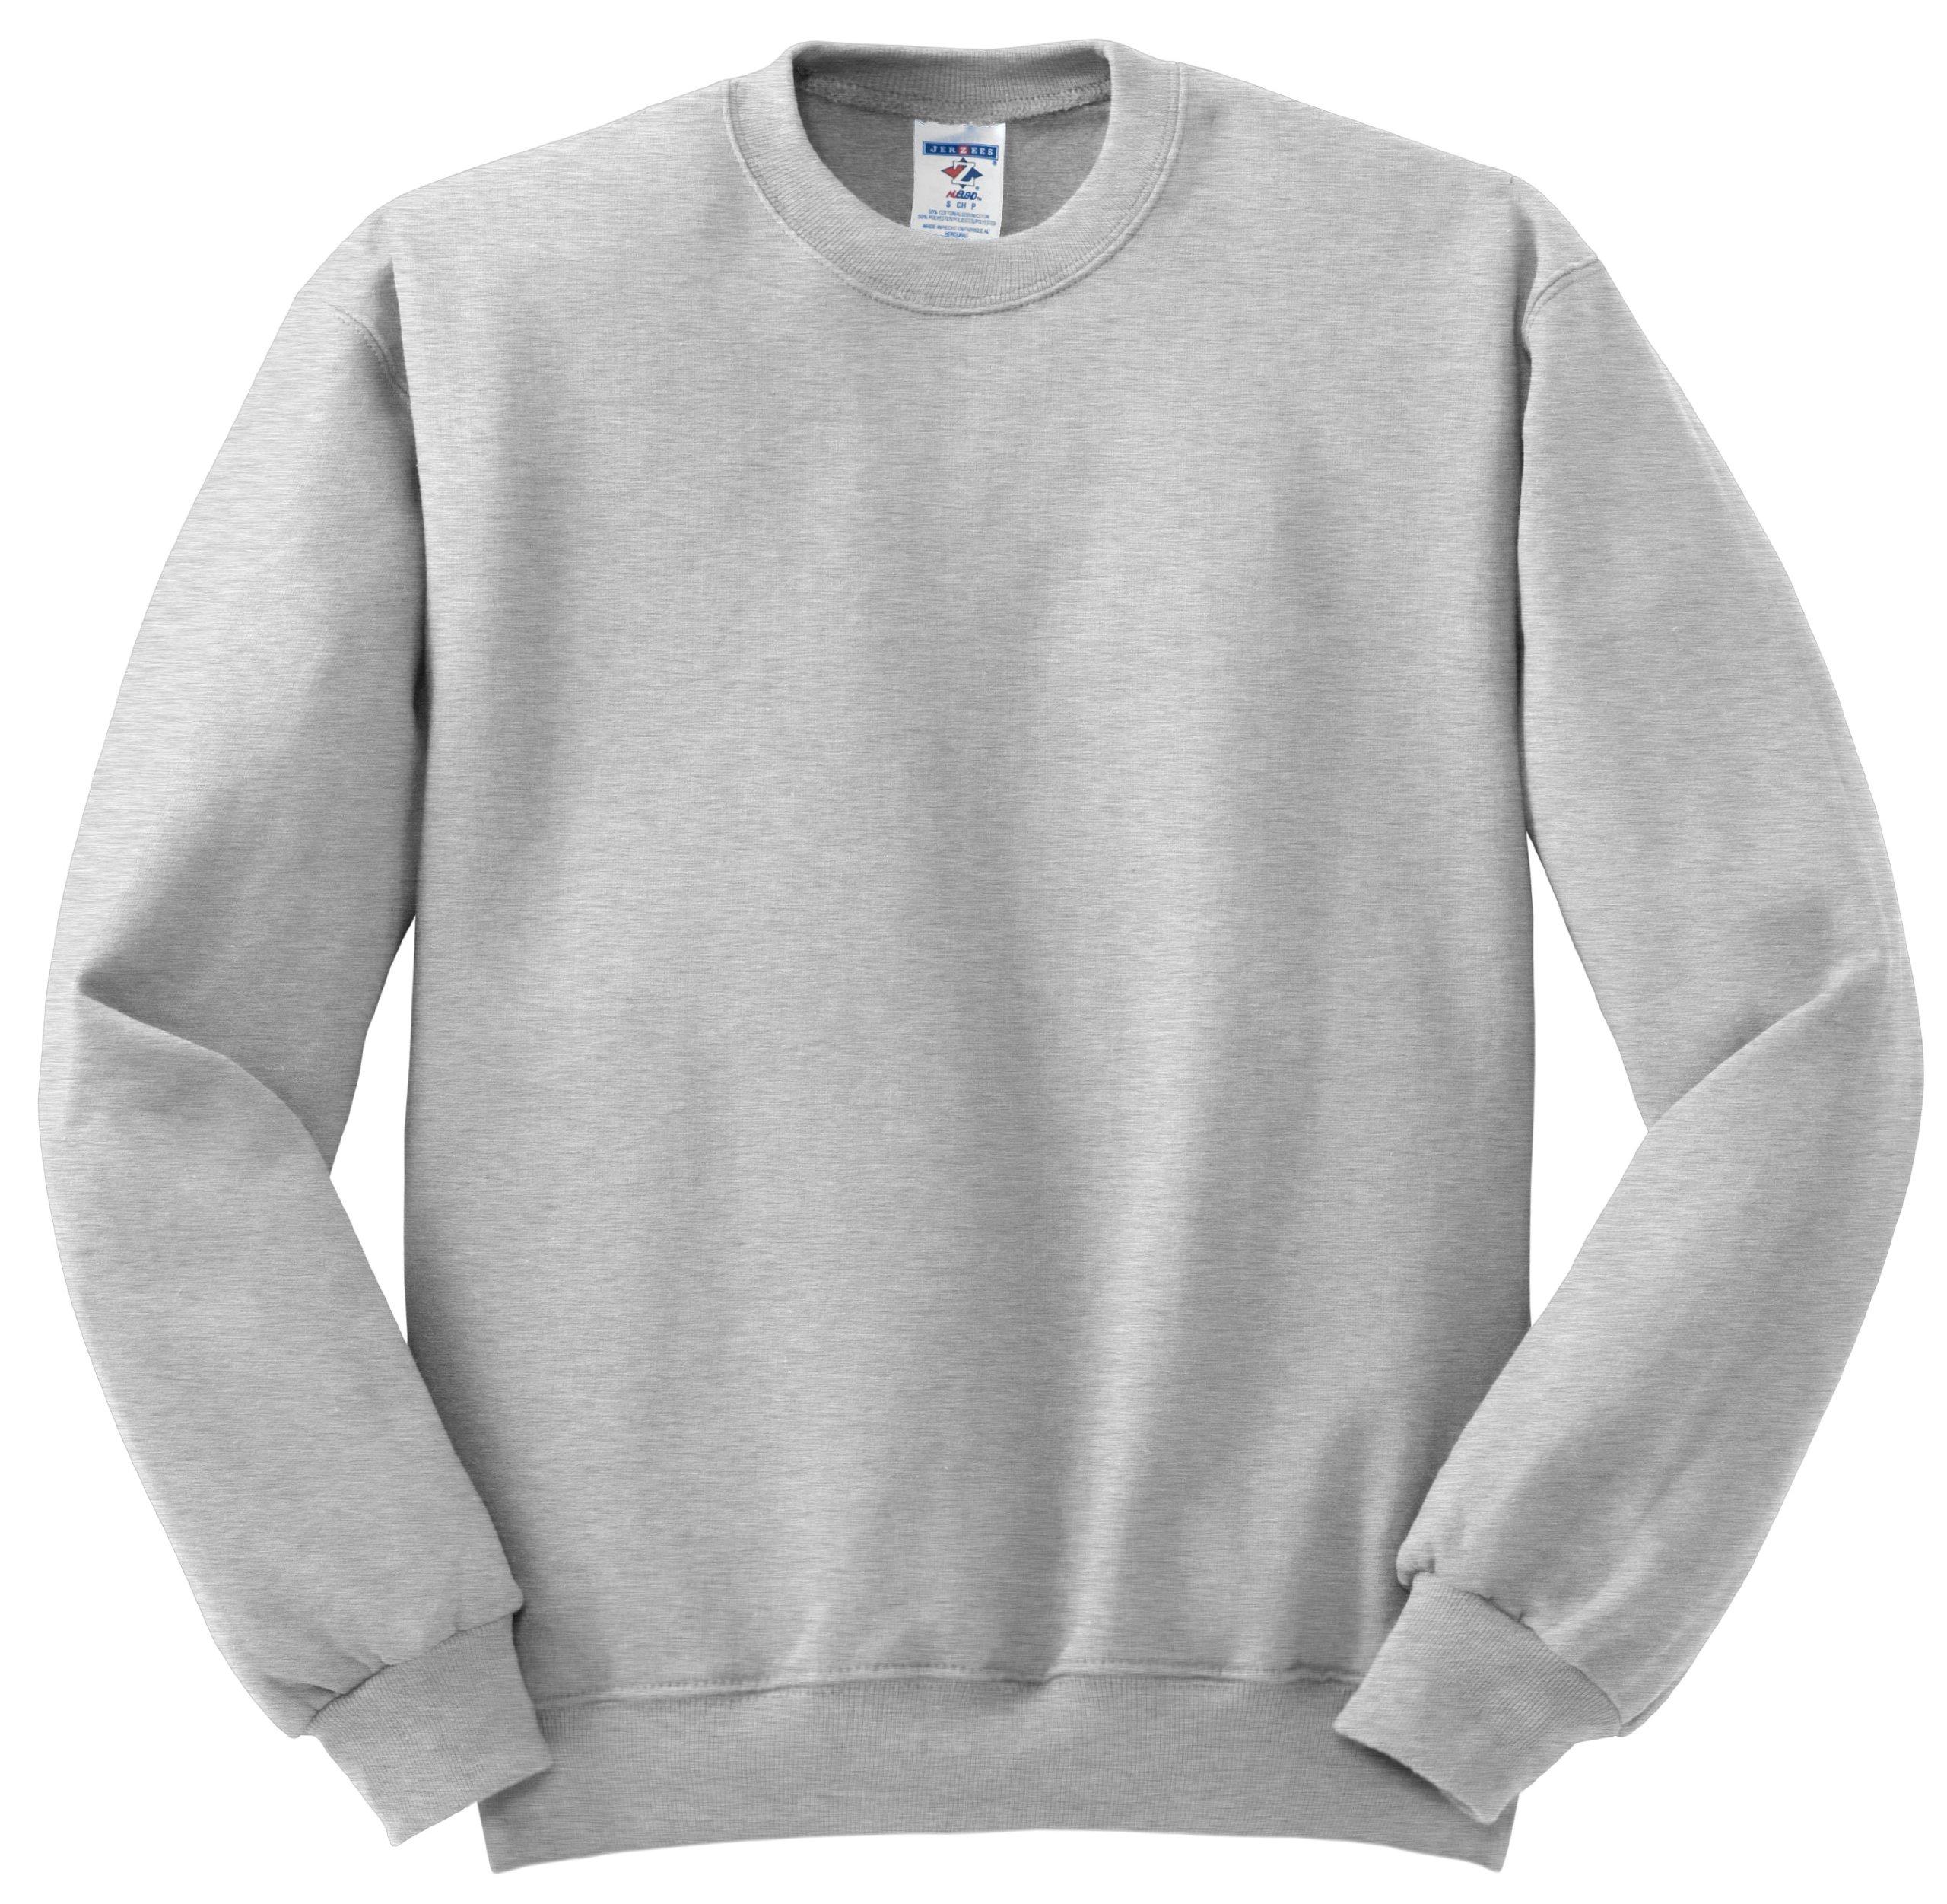 Jerzees Pill Resistant Crewneck 4218 Shirts